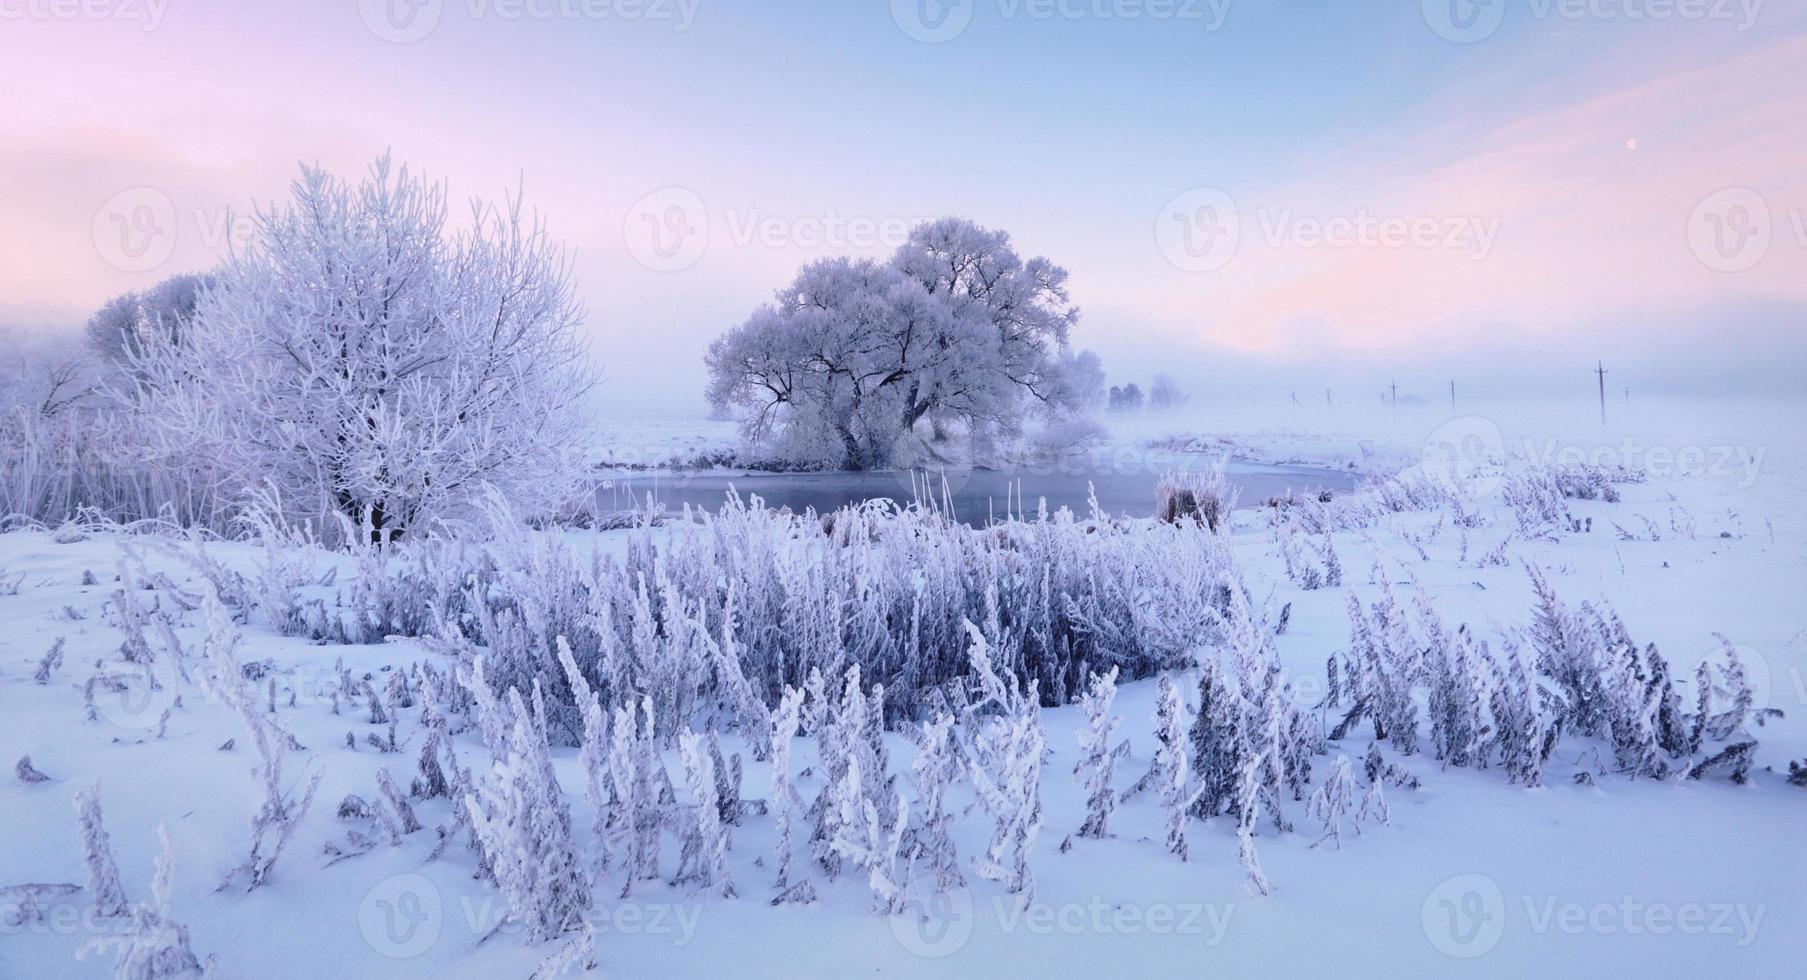 hada amanecer de invierno foto